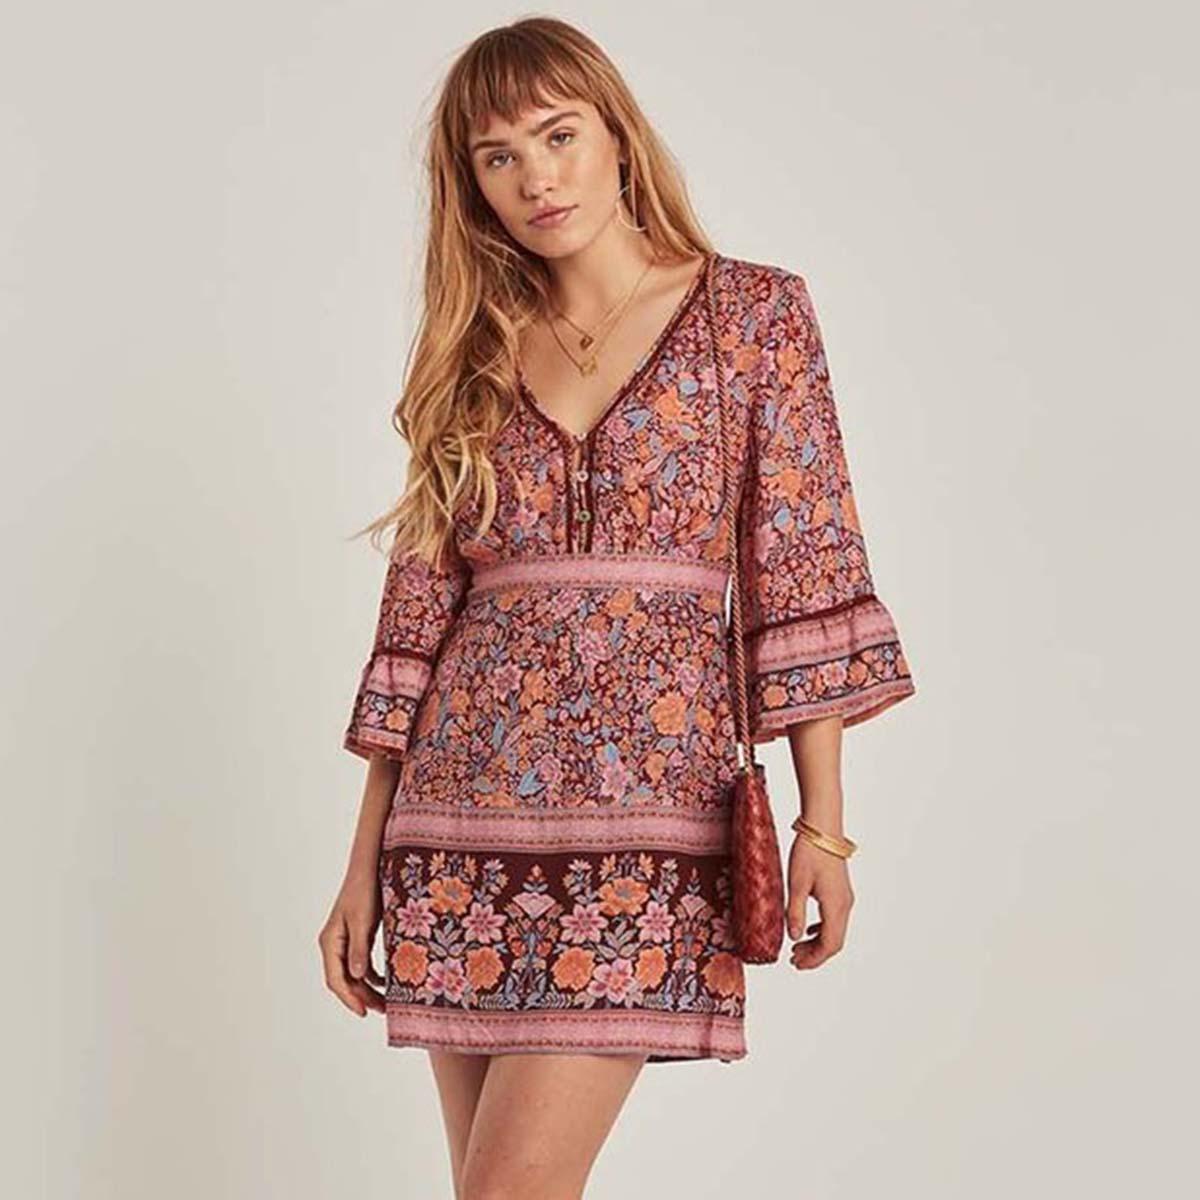 Col en v bohème Vintage imprimé Floral robes d'été femmes bouton avant Flare manches Mini robe Boho Chic Vestidos